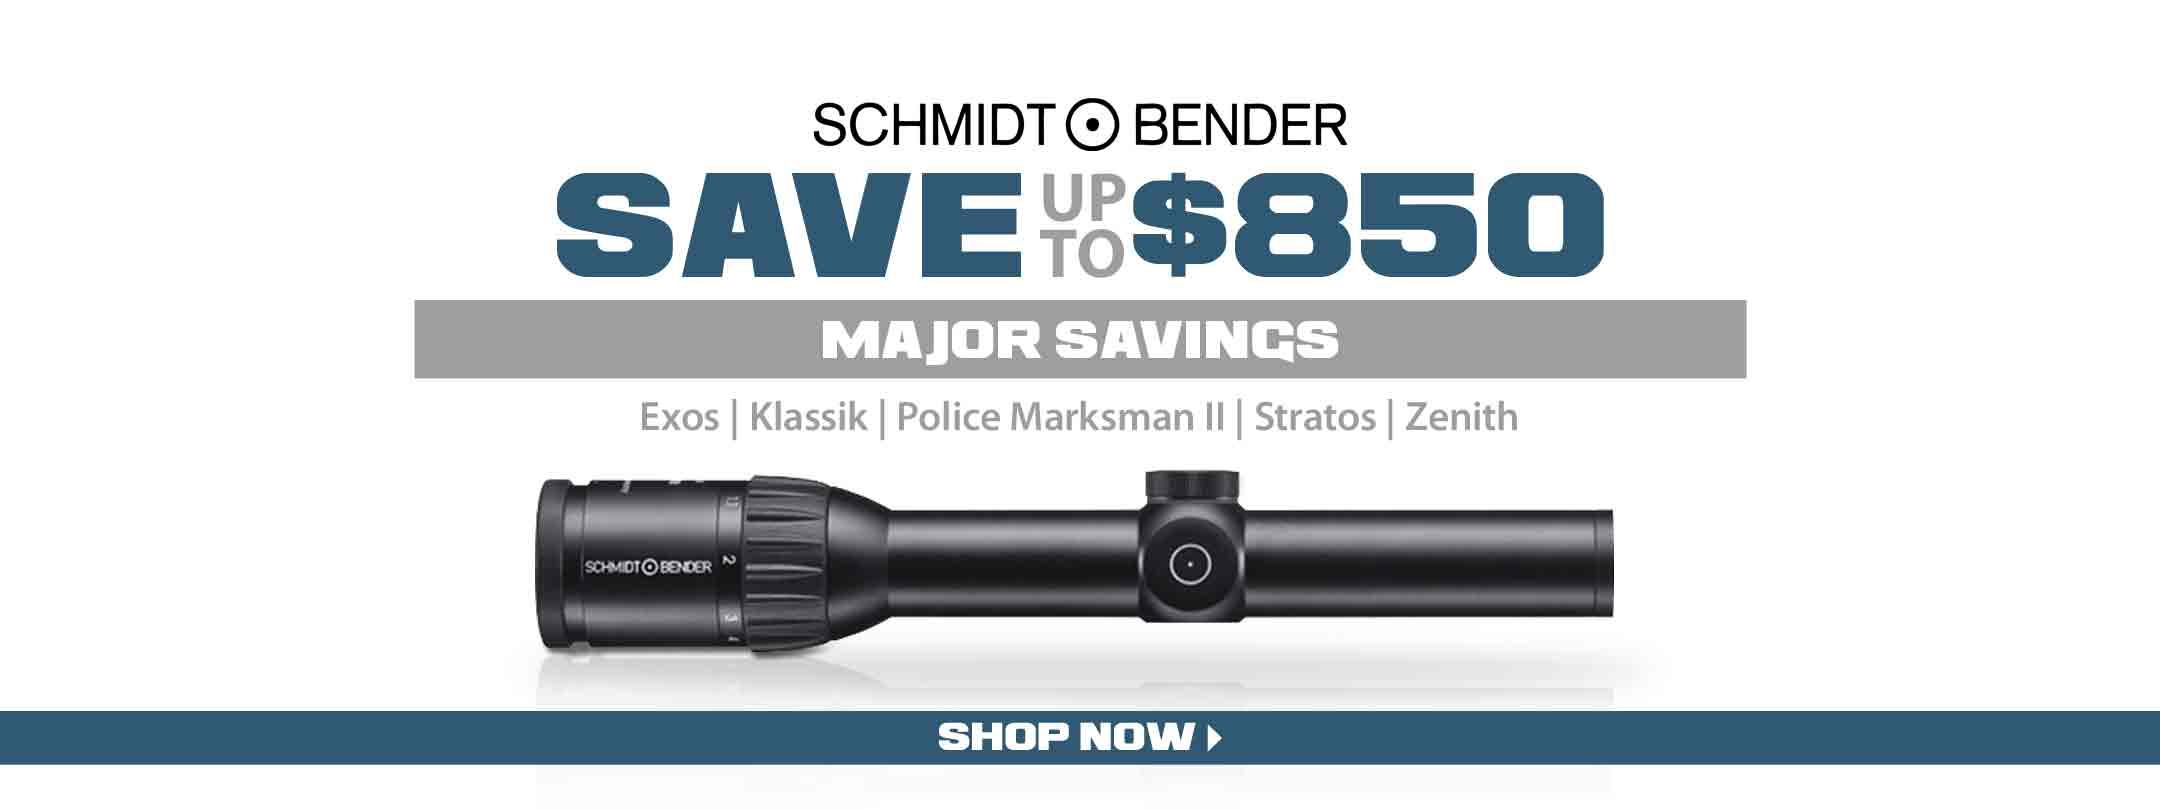 Major Savings on Schmidt & Bender